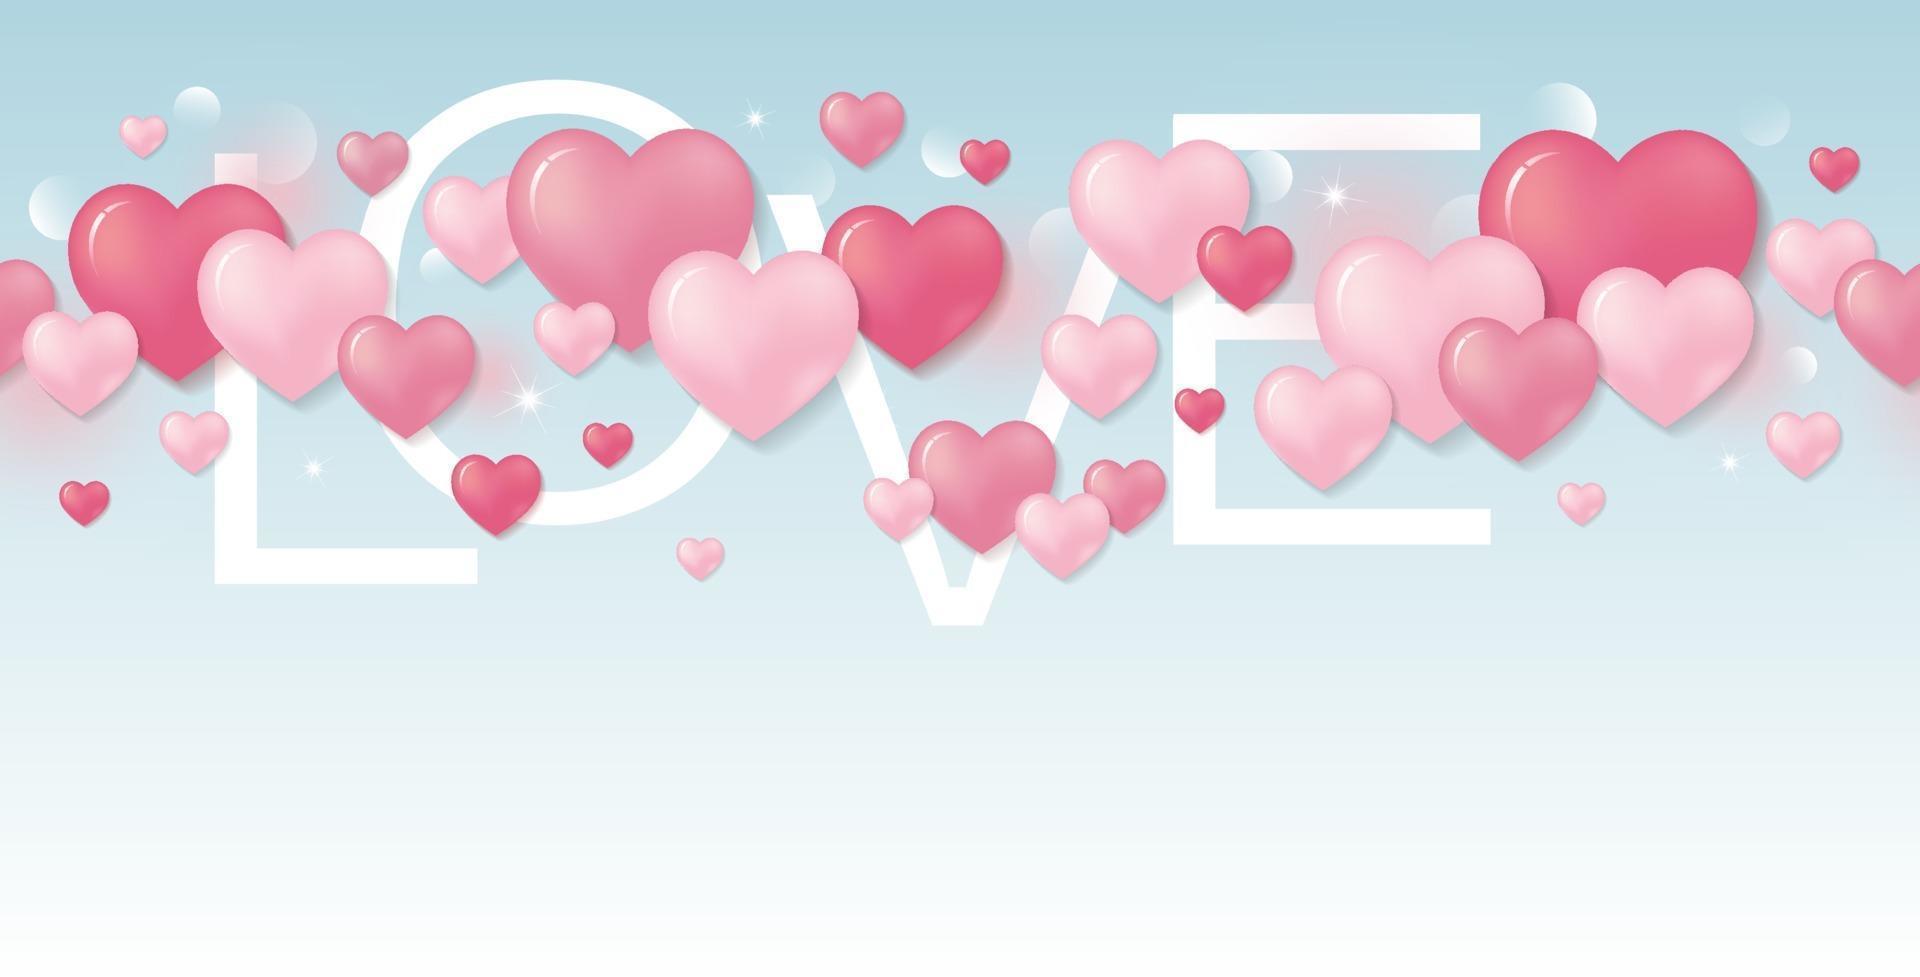 conception de cartes de la Saint-Valentin de coeurs roses avec illustration vectorielle de texte d'amour vecteur